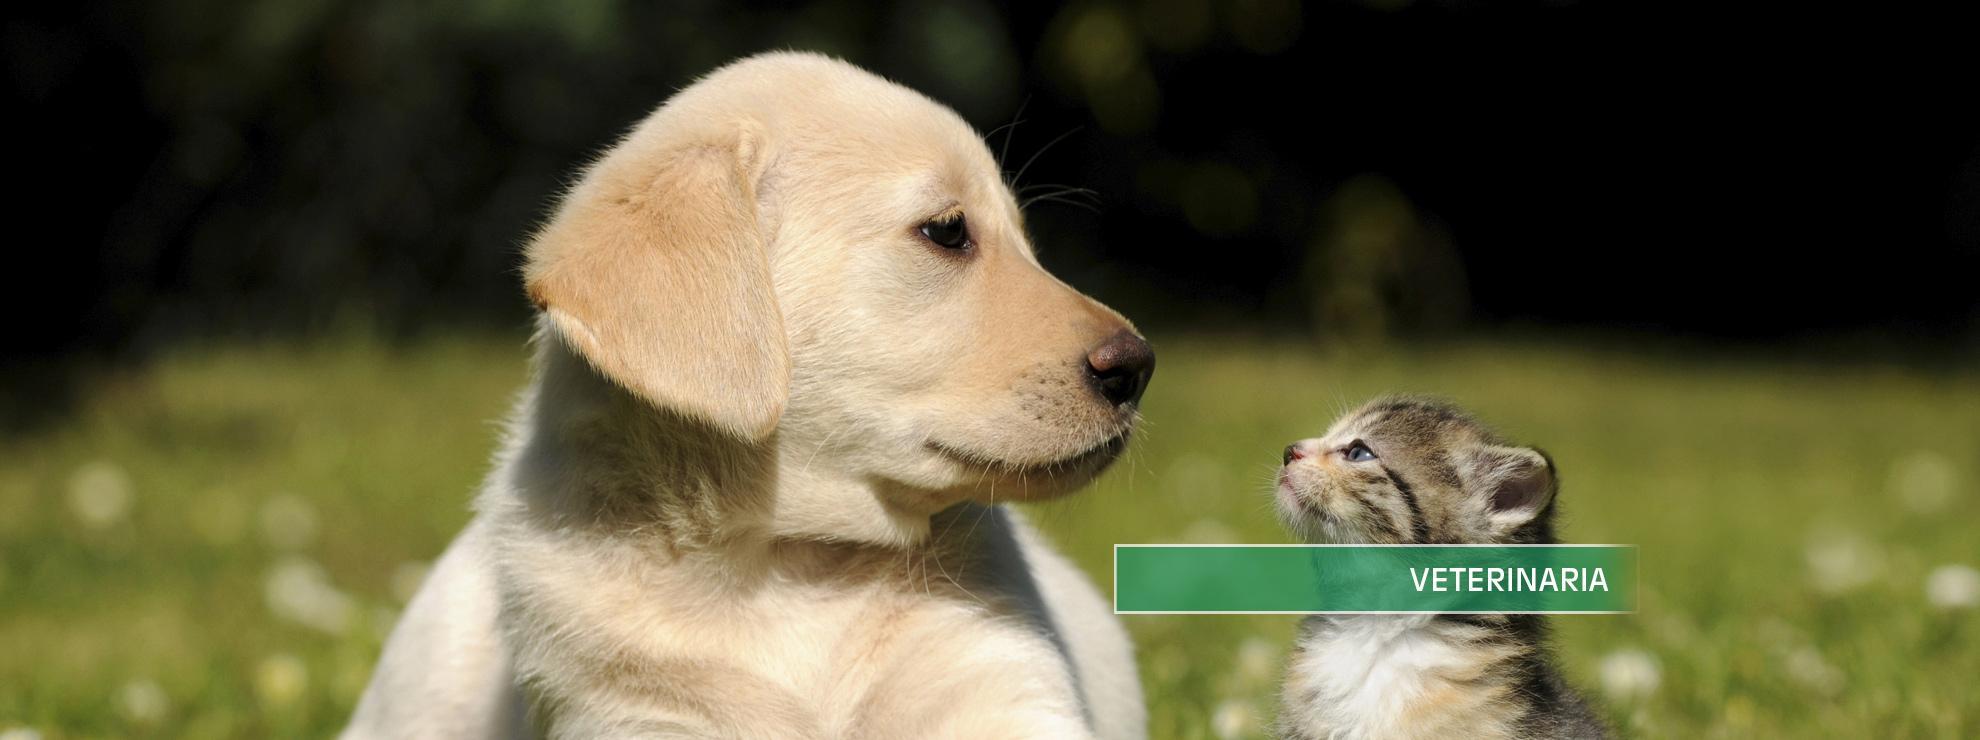 cane e gatto scritto Veterinaria